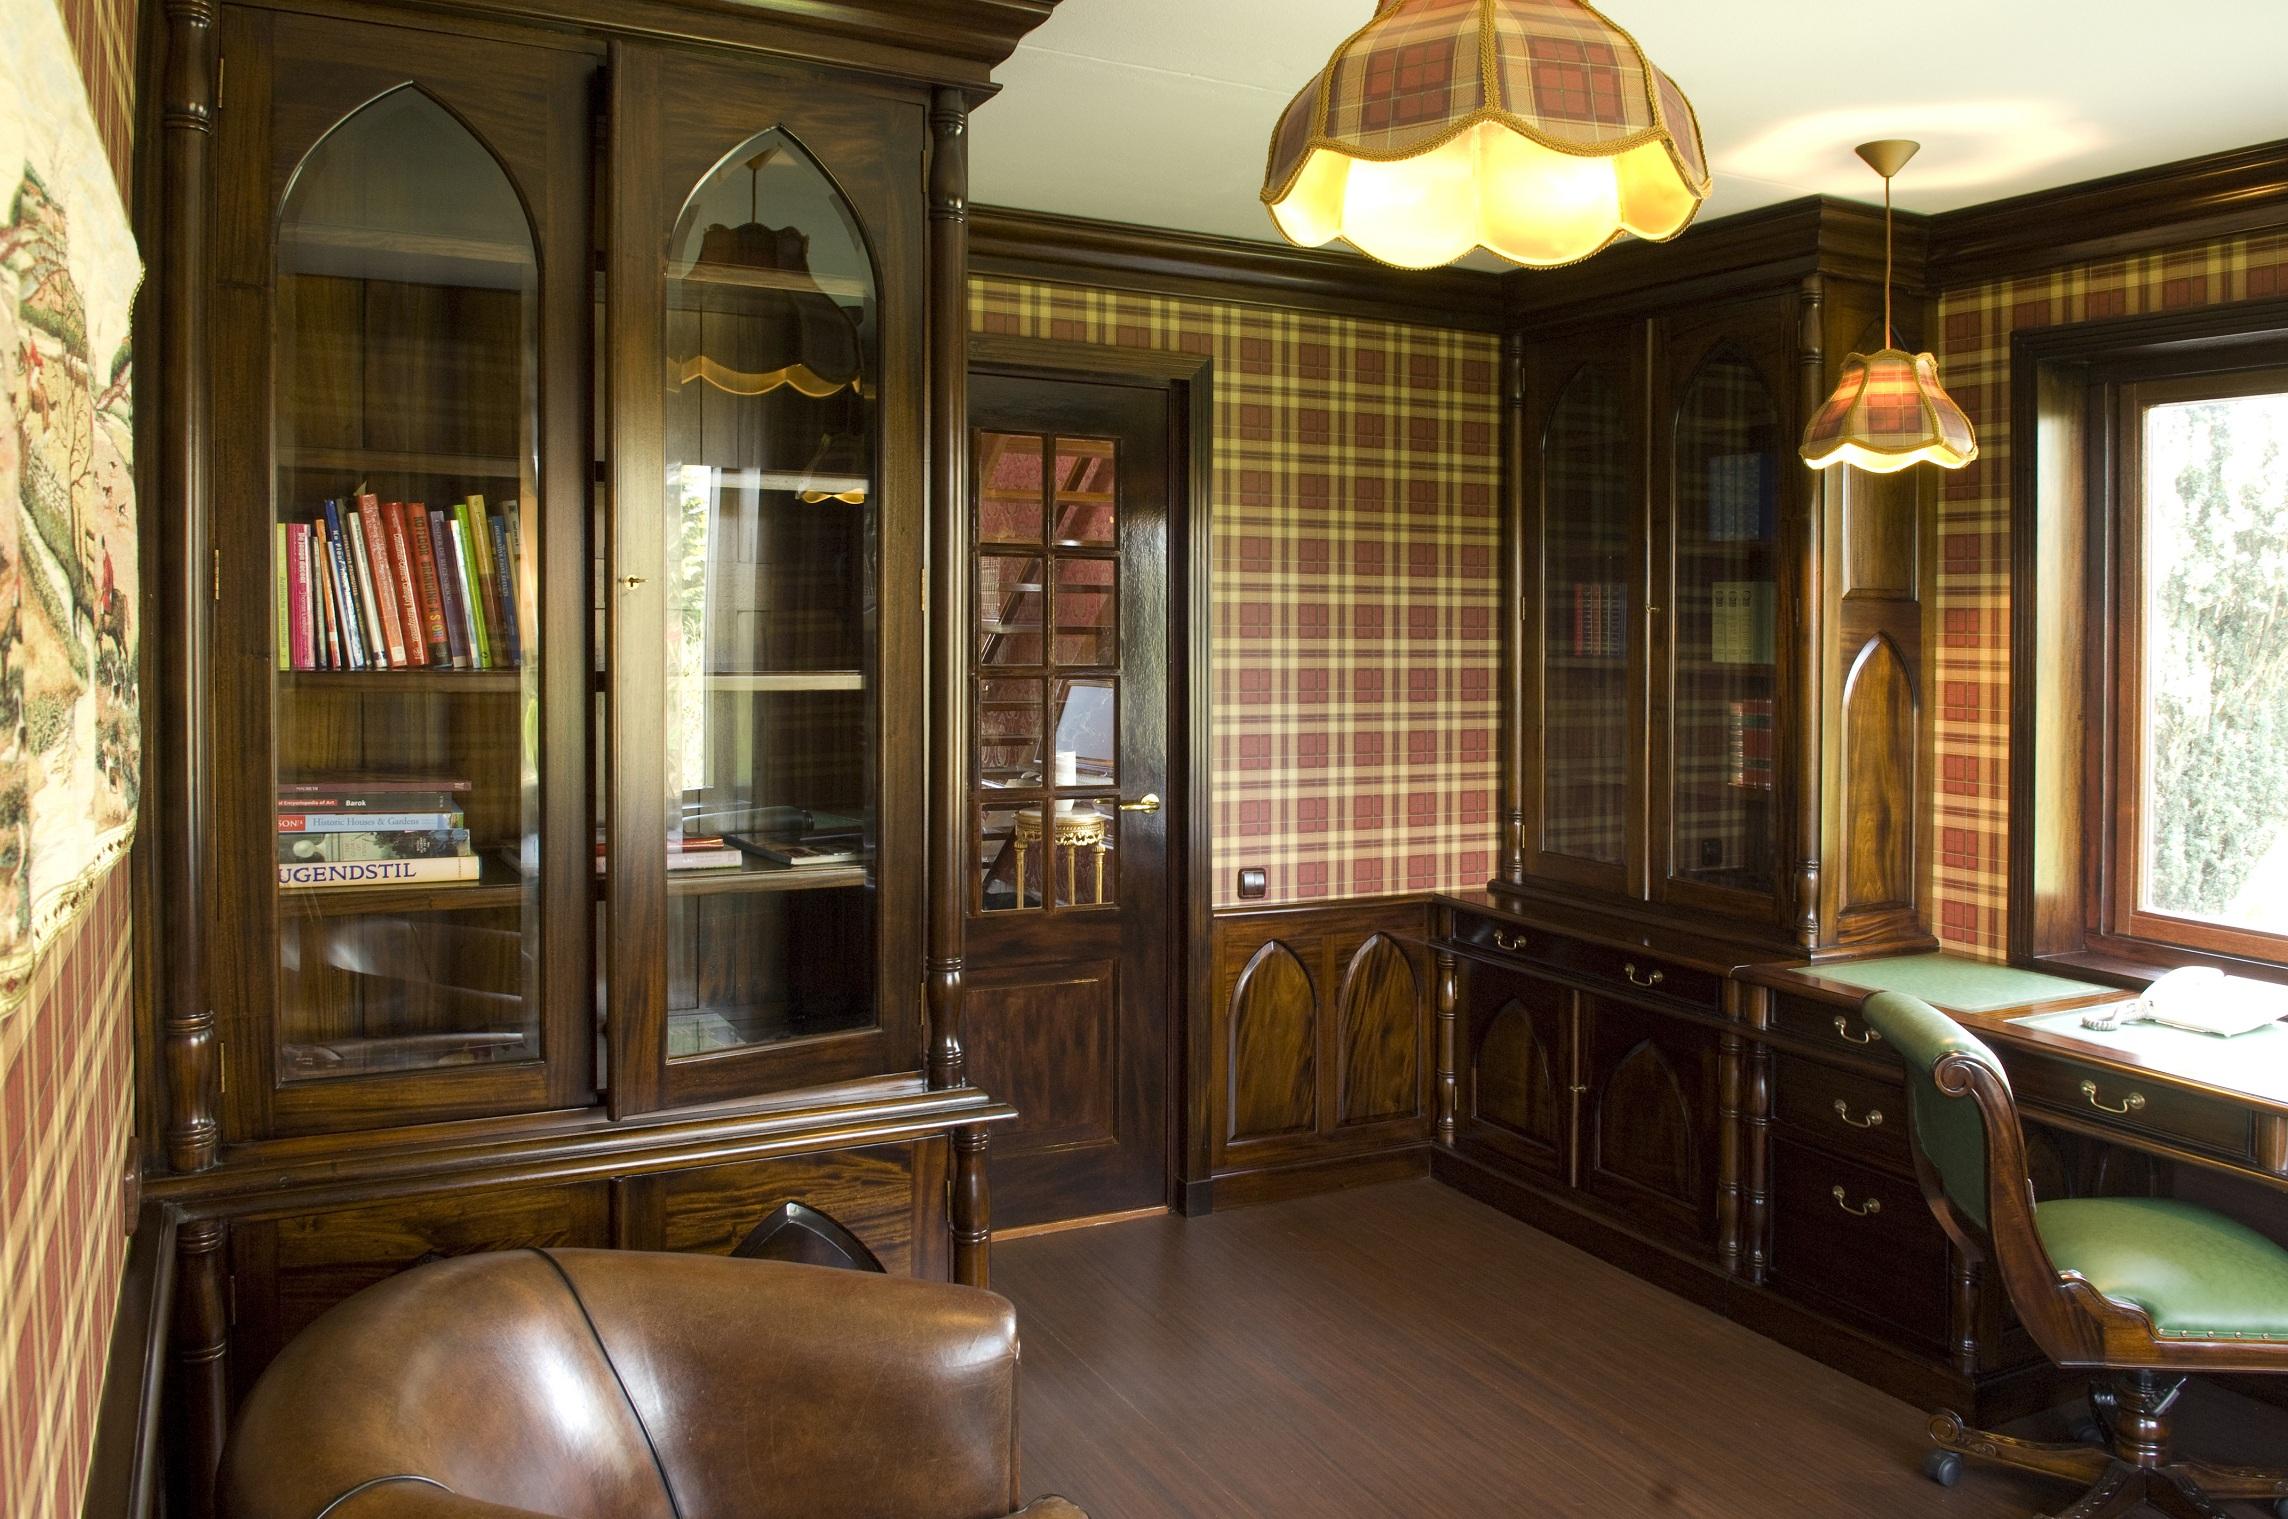 Slaapkamer inrichten engelse stijl beste inspiratie kamers design en meubels - Engelse stijl slaapkamer ...